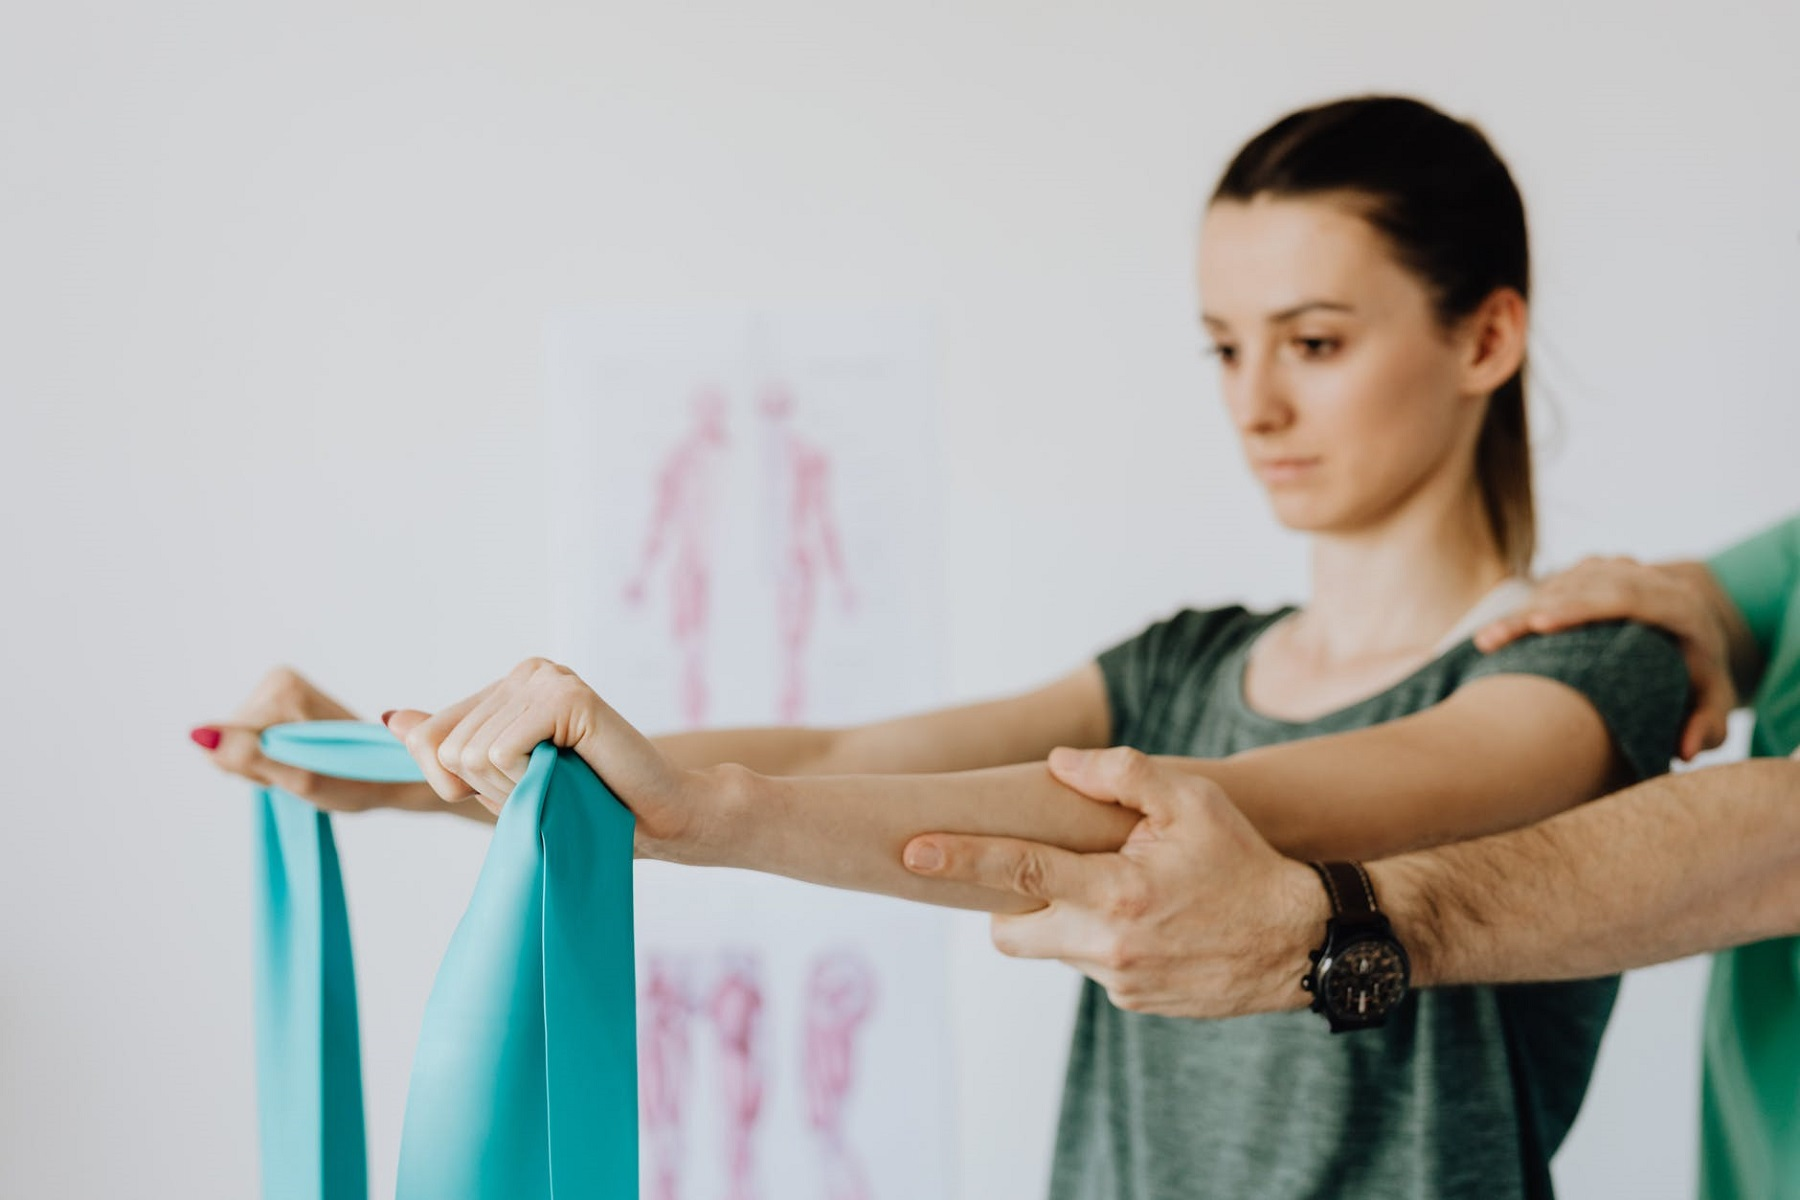 """Καρπός Ασκήσεις: Όταν ο πόνος μας """"παραλύει"""""""